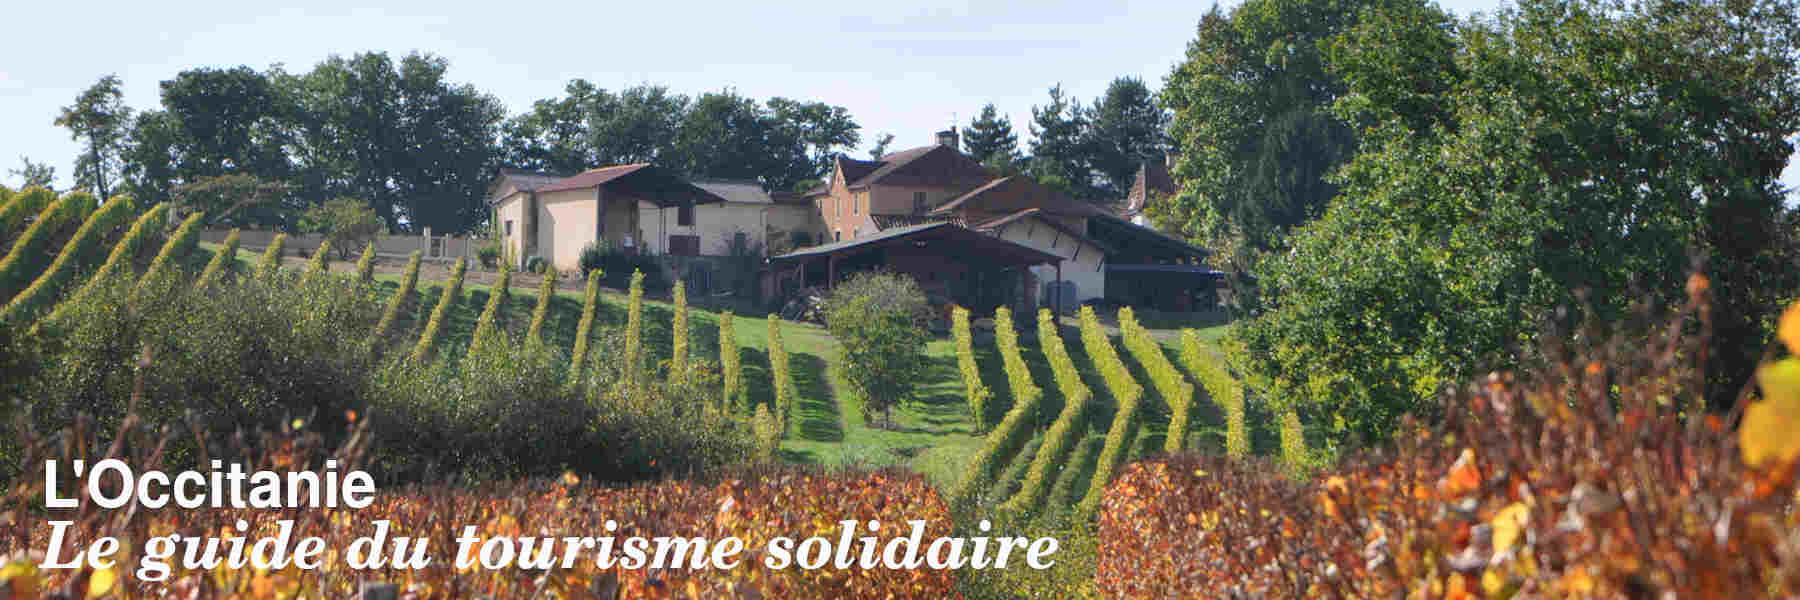 Le guide du tourisme solidaire en Occitanie